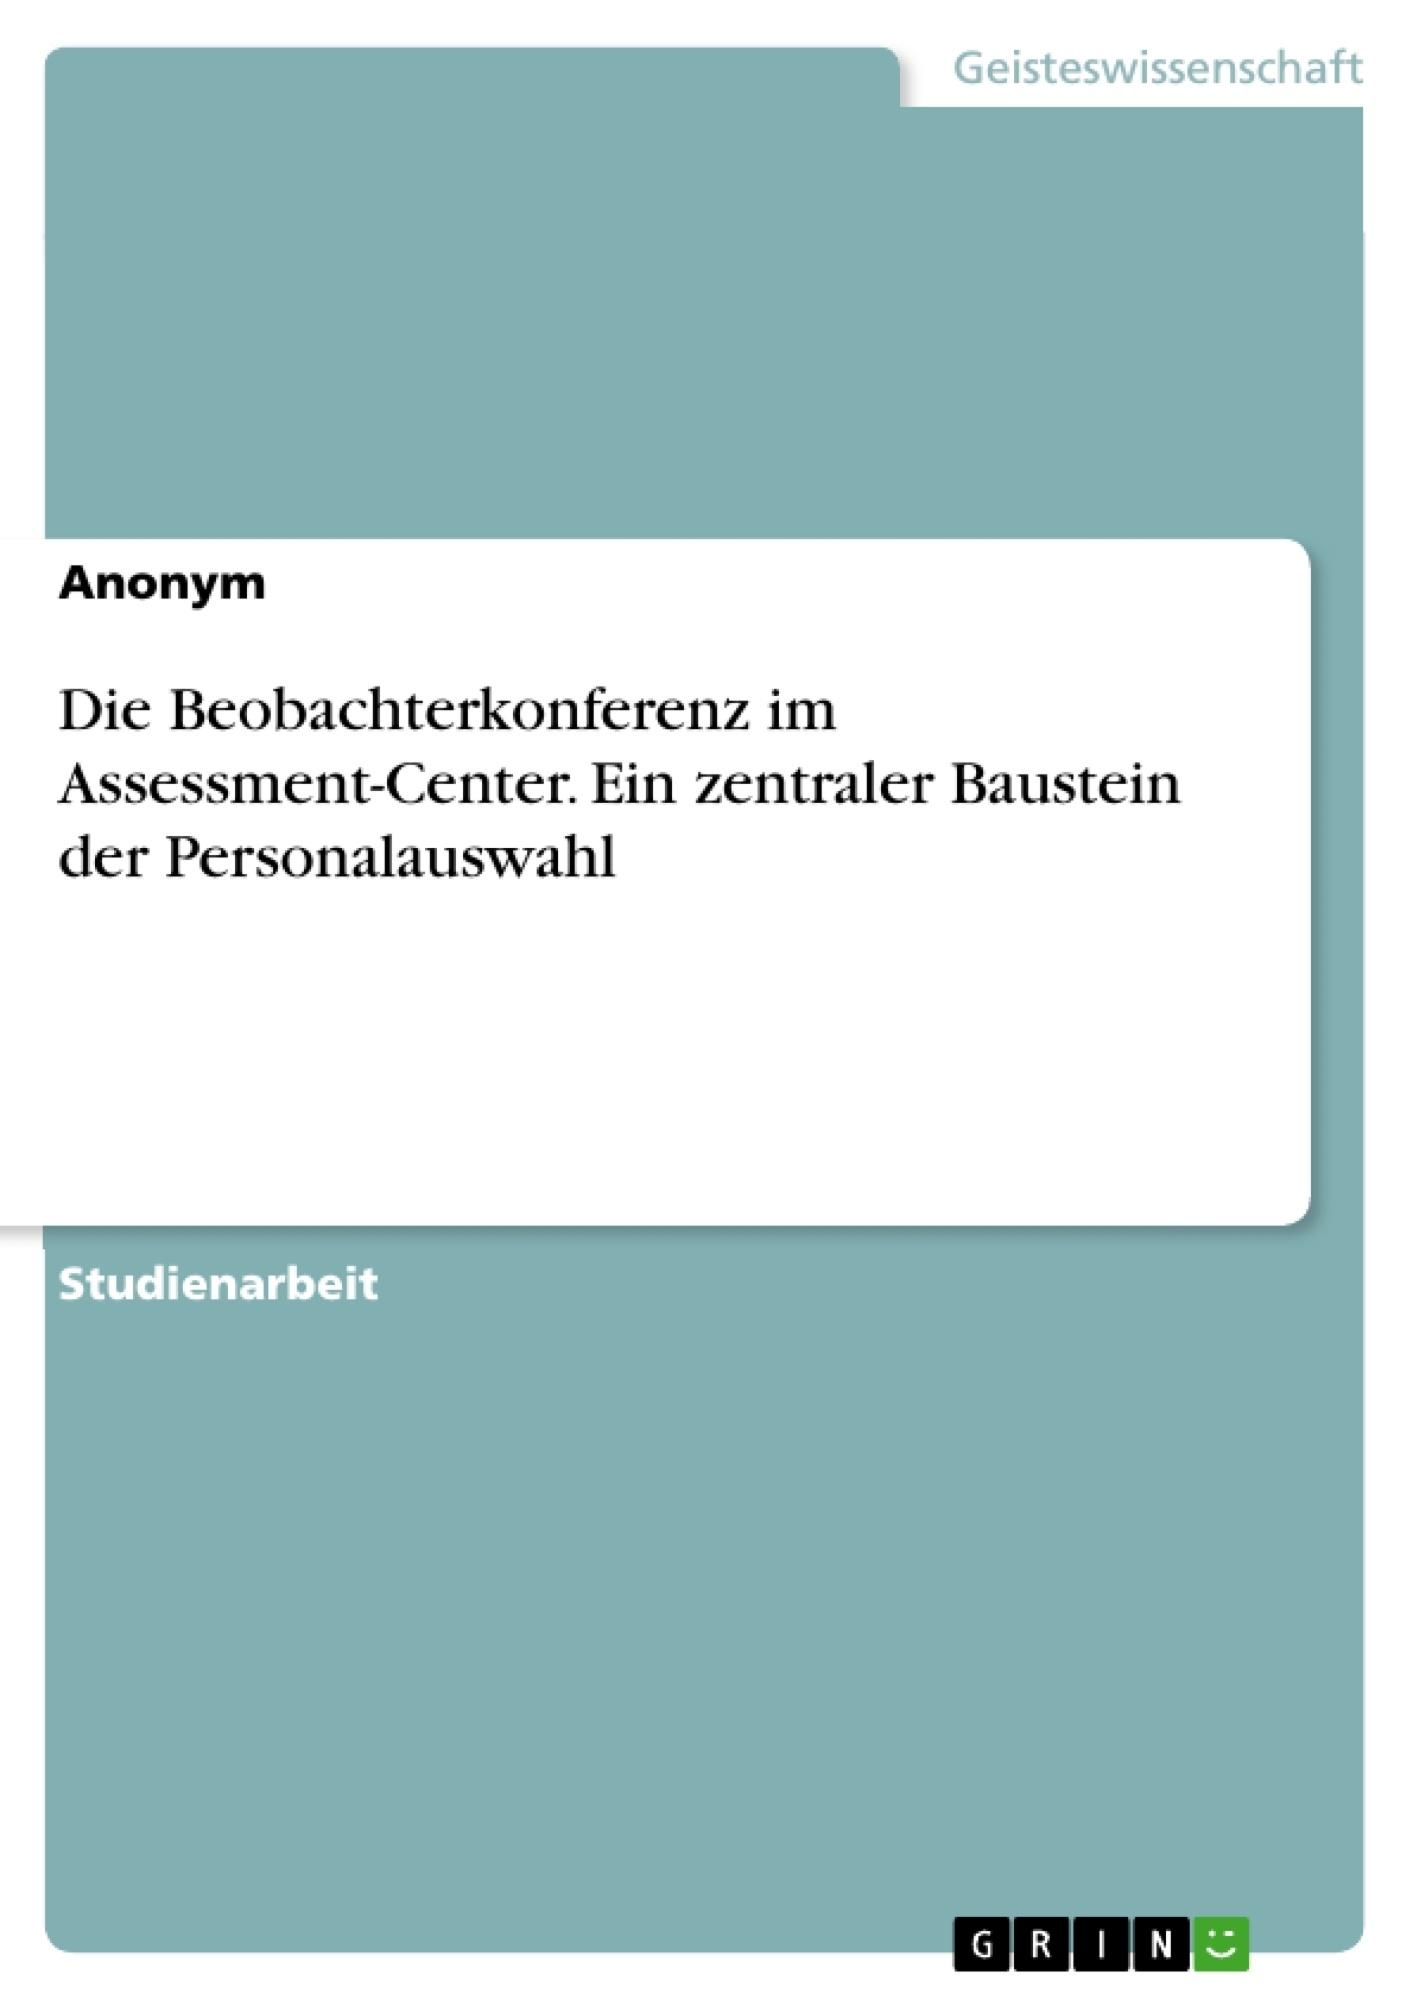 Titel: Die Beobachterkonferenz im Assessment-Center. Ein zentraler Baustein der Personalauswahl